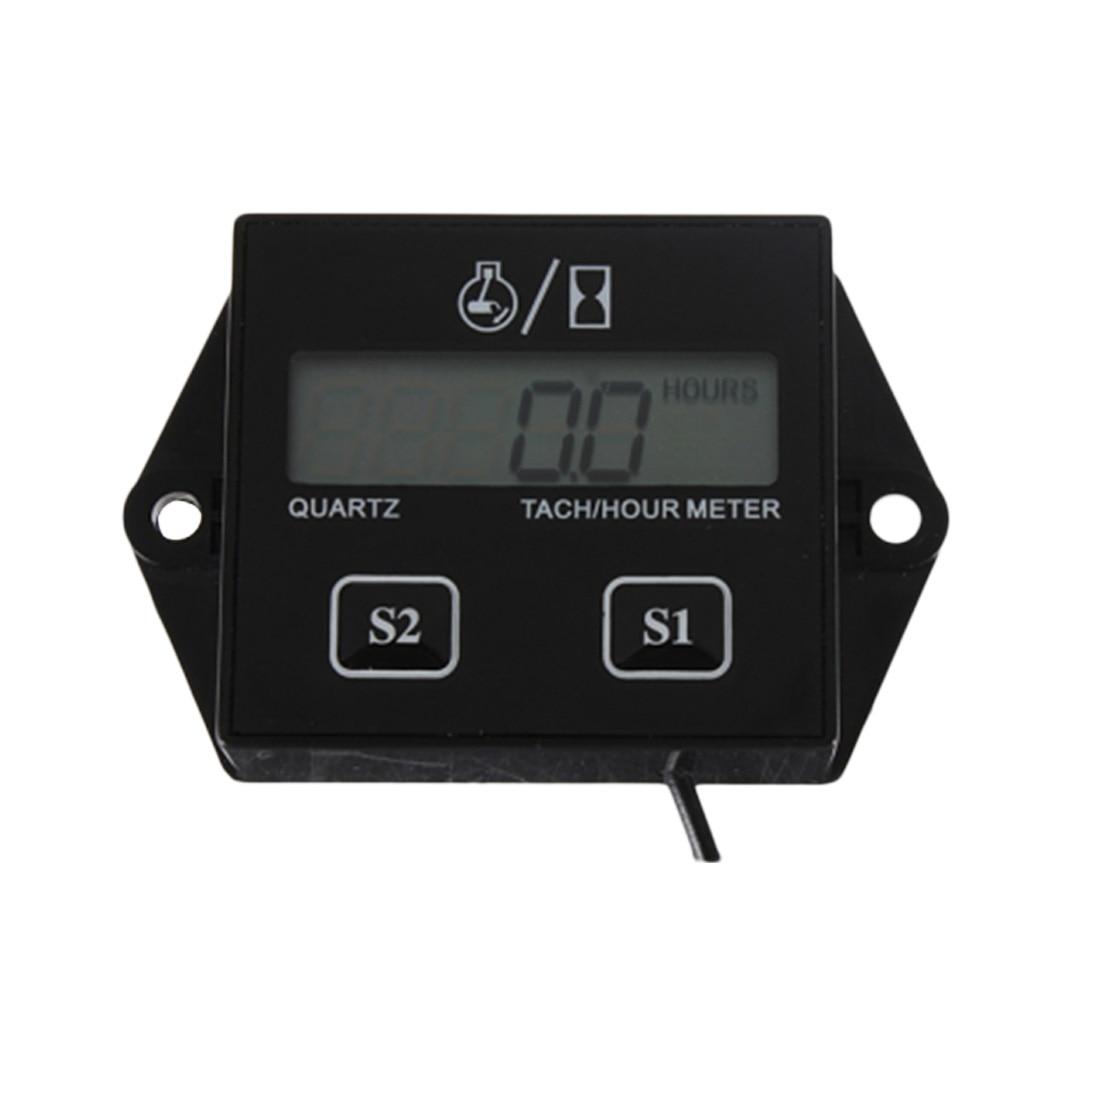 New Arrival Hour Meter Digital Engine Tachometer Gauge Inductive For Motorcycle Motor Stroke Engine SparkNew Arrival Hour Meter Digital Engine Tachometer Gauge Inductive For Motorcycle Motor Stroke Engine Spark